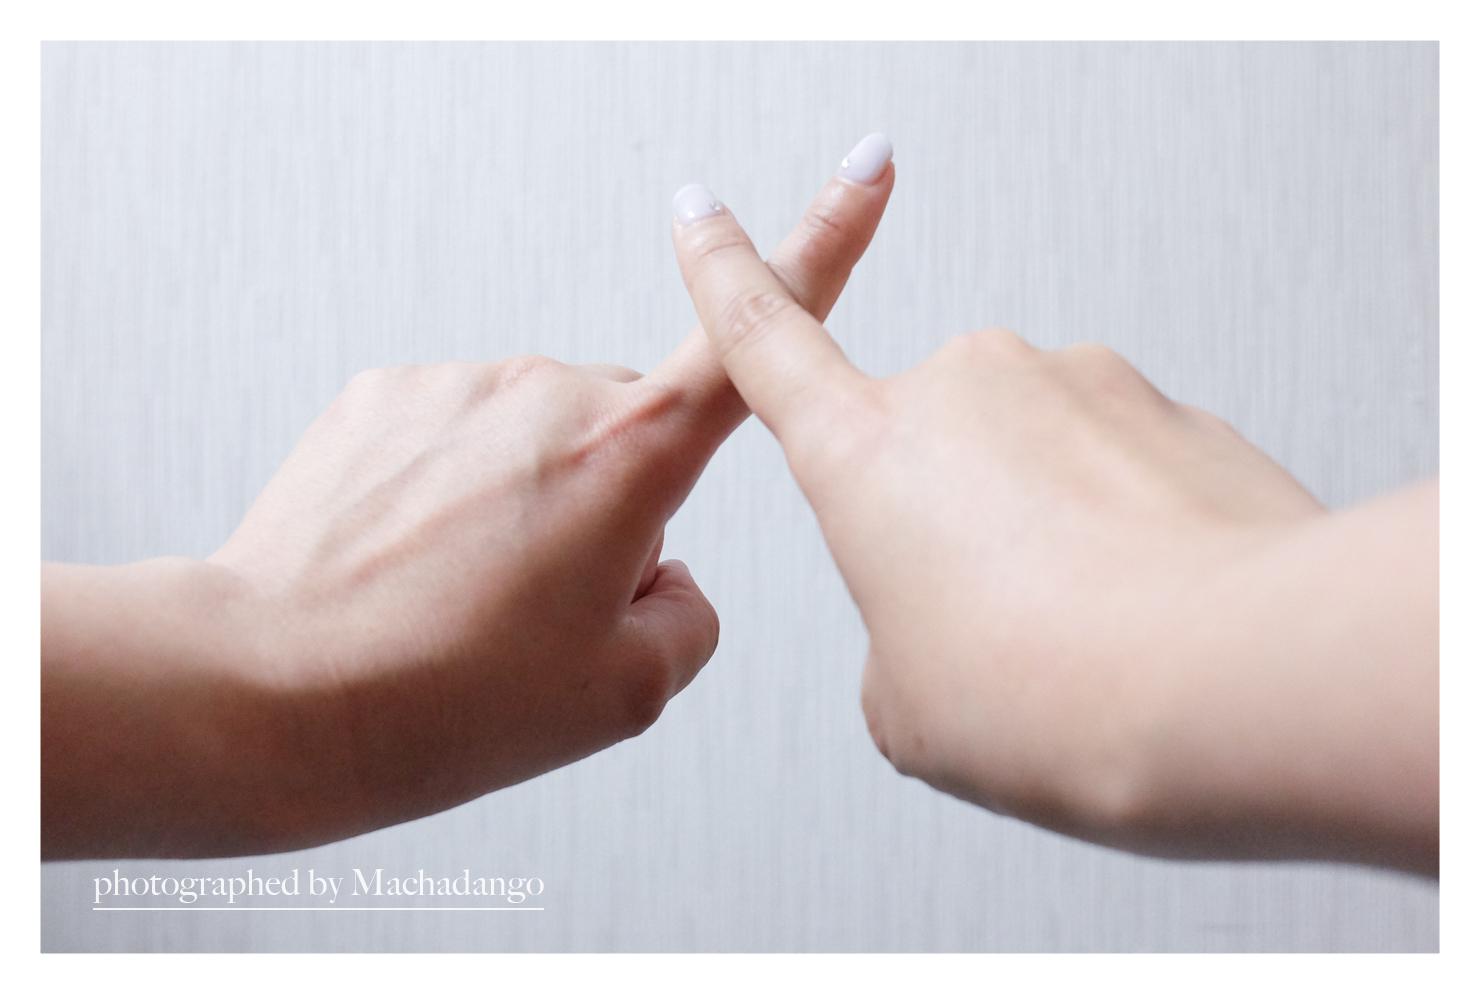 給第一次來京都的朋友——讓日本人看得懂你的手勢 – 抹茶糰子 ...